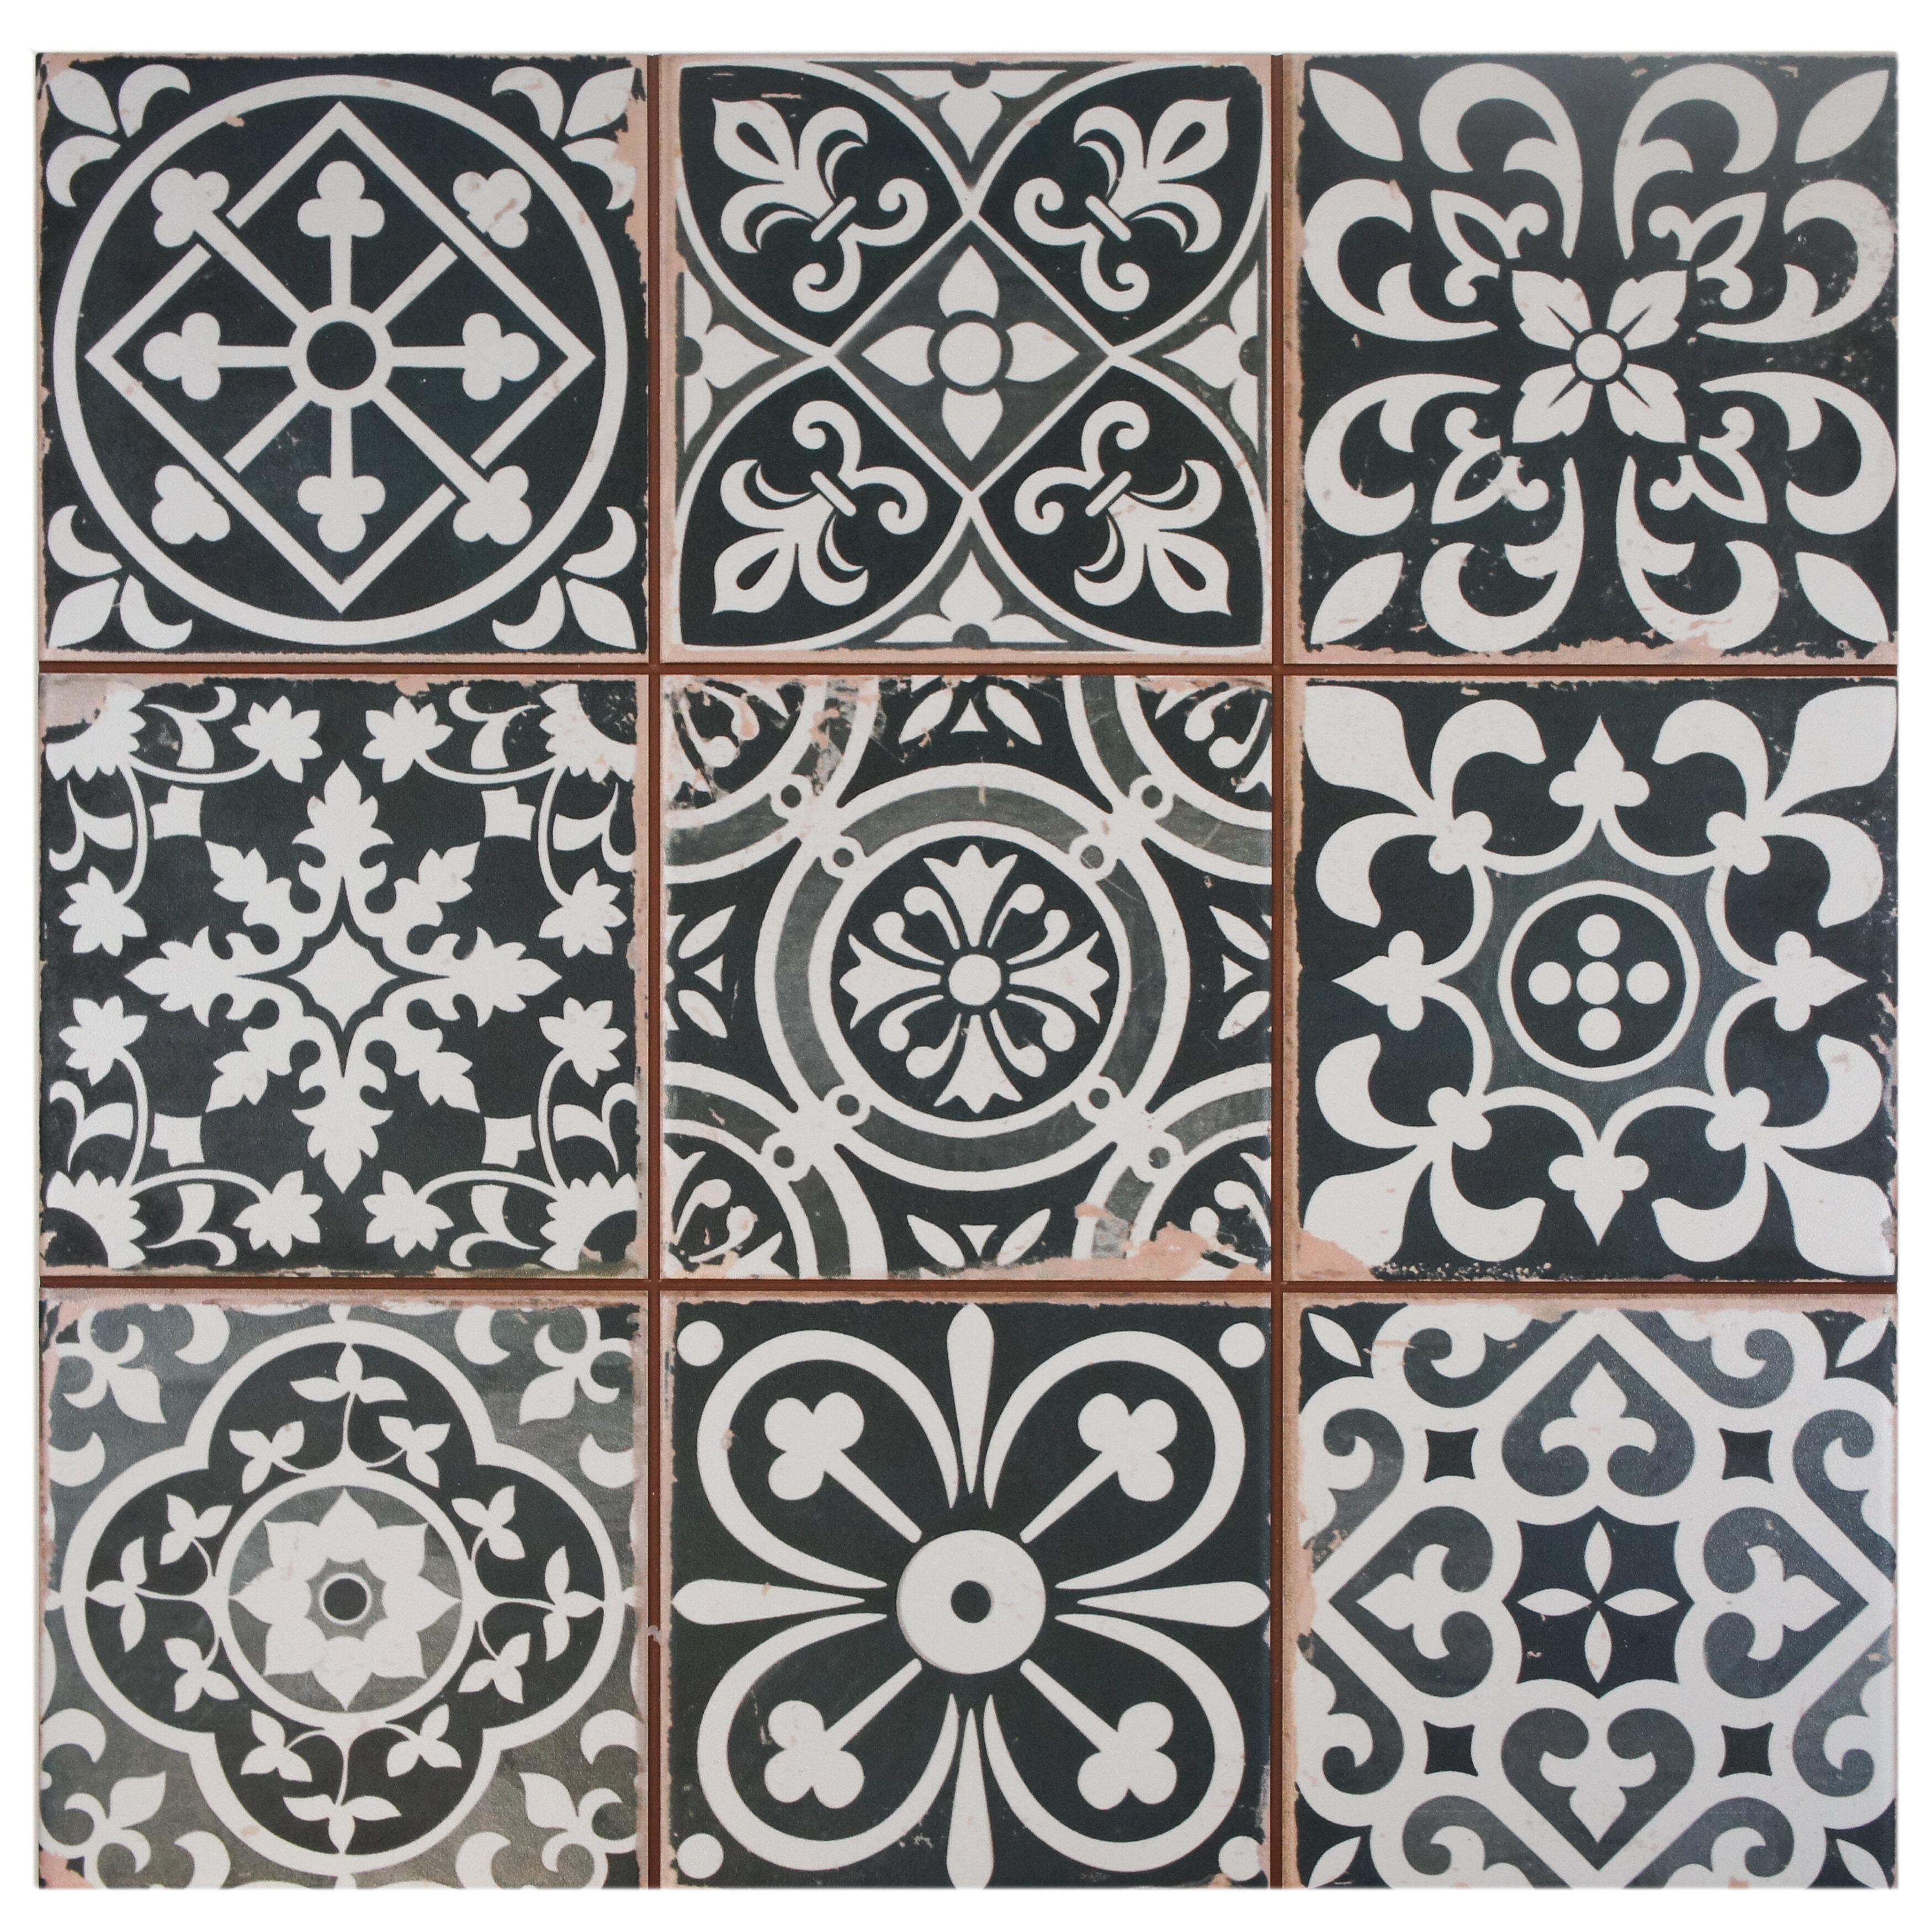 Elitetile Faventie Nero 13 X 13 Ceramic Field Tile In Blackwhite